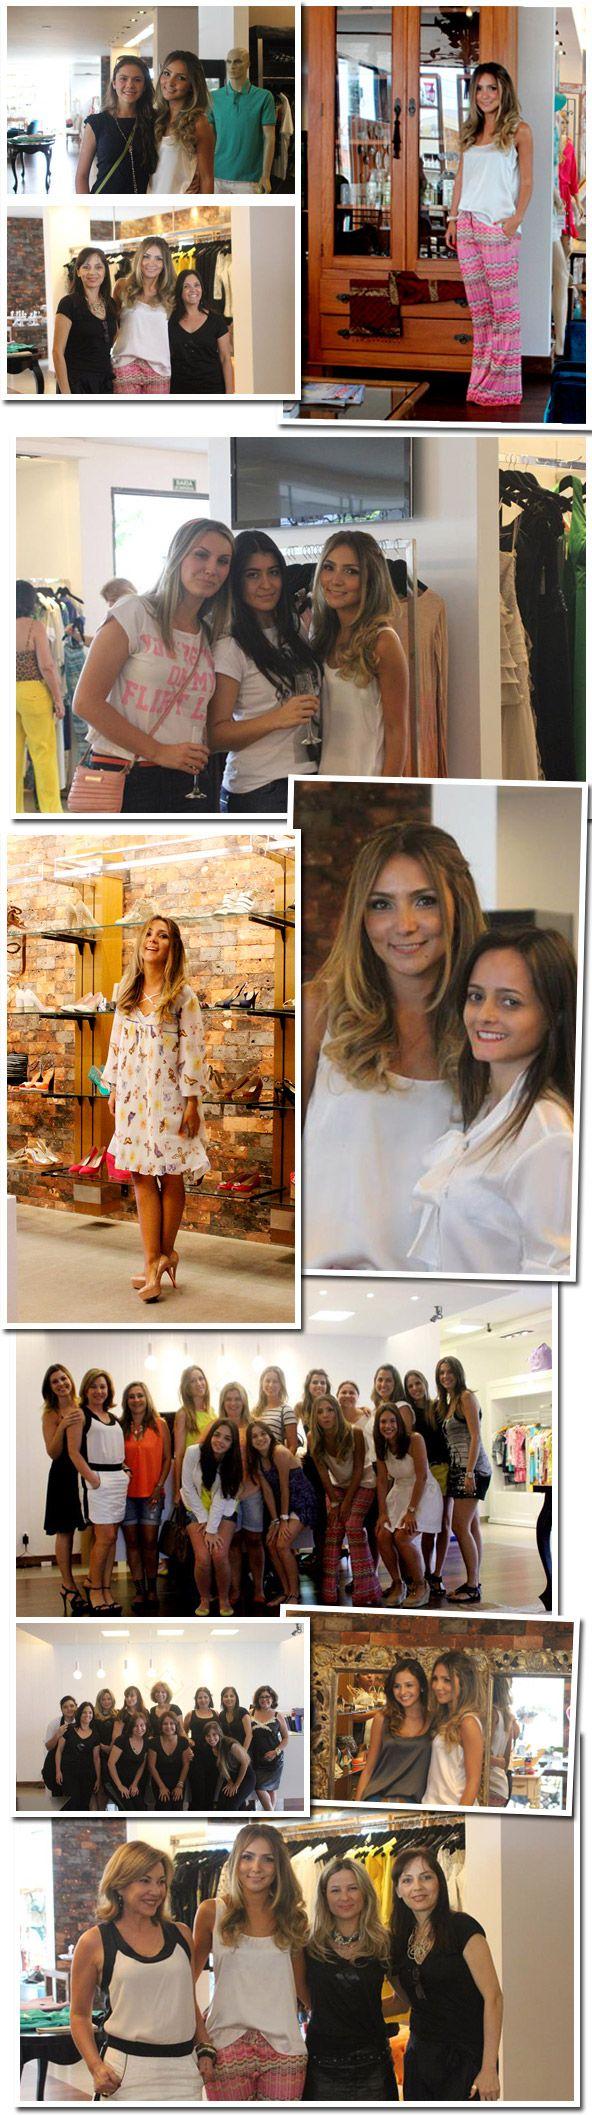 Essa semana fui até São Carlos para conhecer uma loja super bacana, a Equilibrio Moda. Fiquei encantada com a cidade, com a loja e com as pessoas! A Equilibrio vende as marcas que a gente adora: Pa…